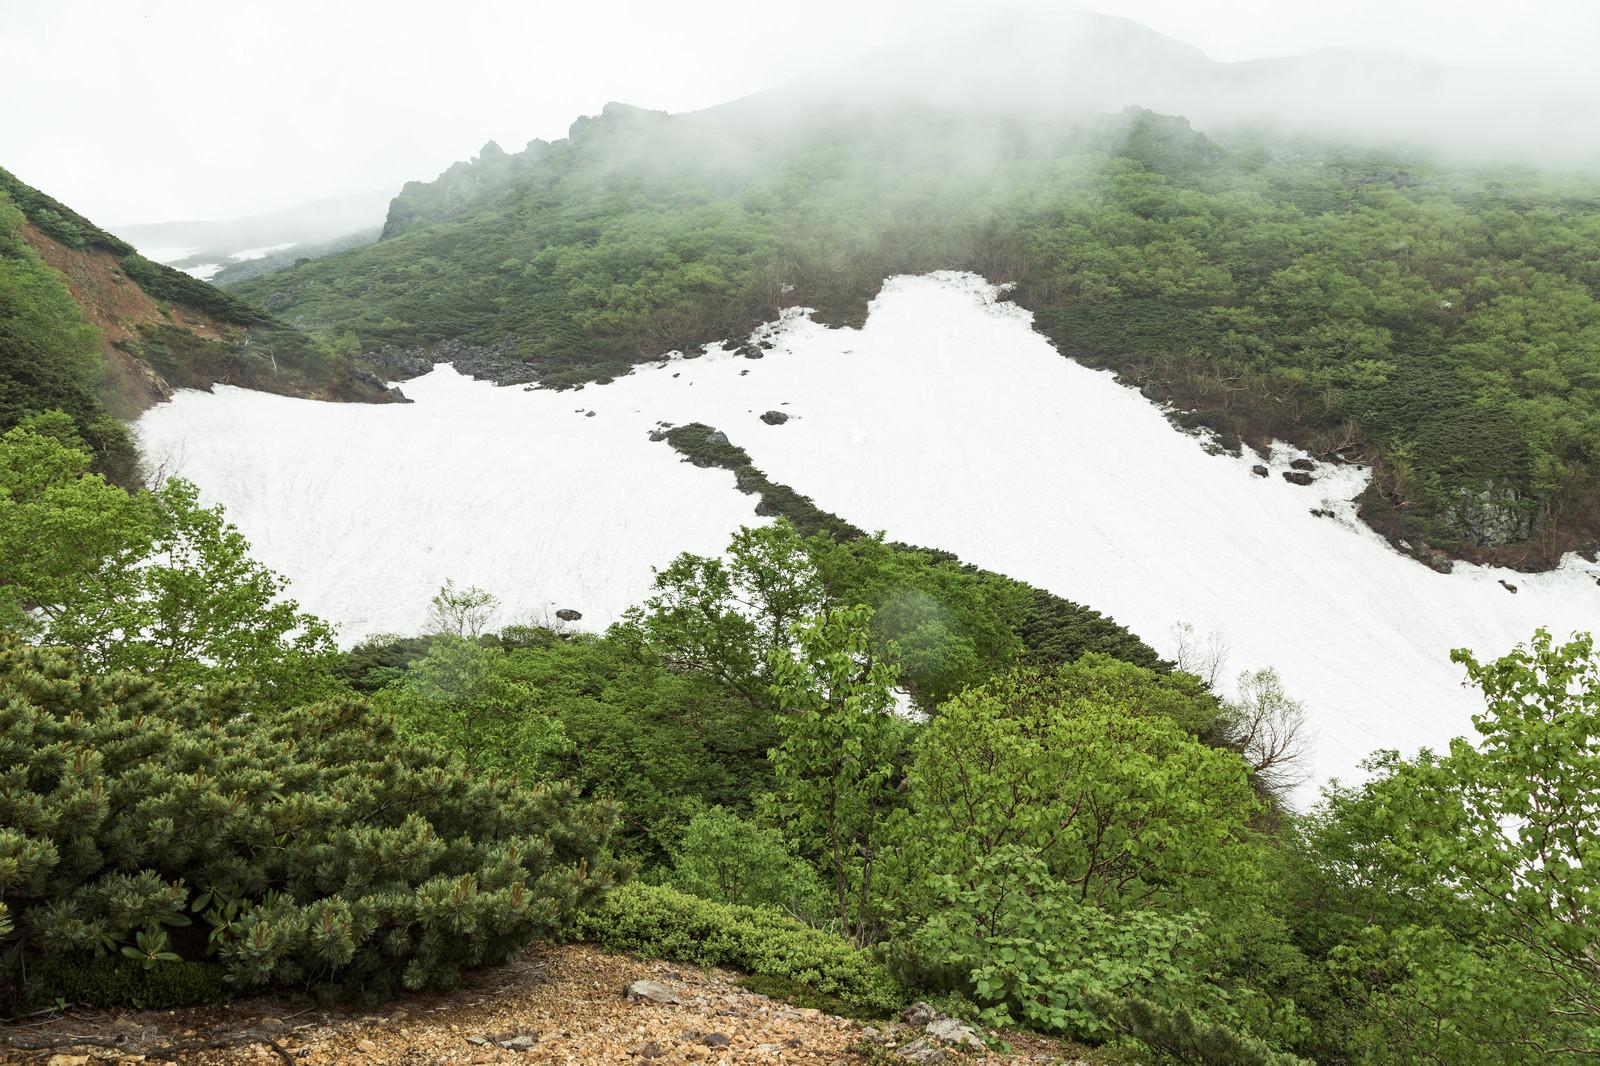 「雪が残る山間」の写真